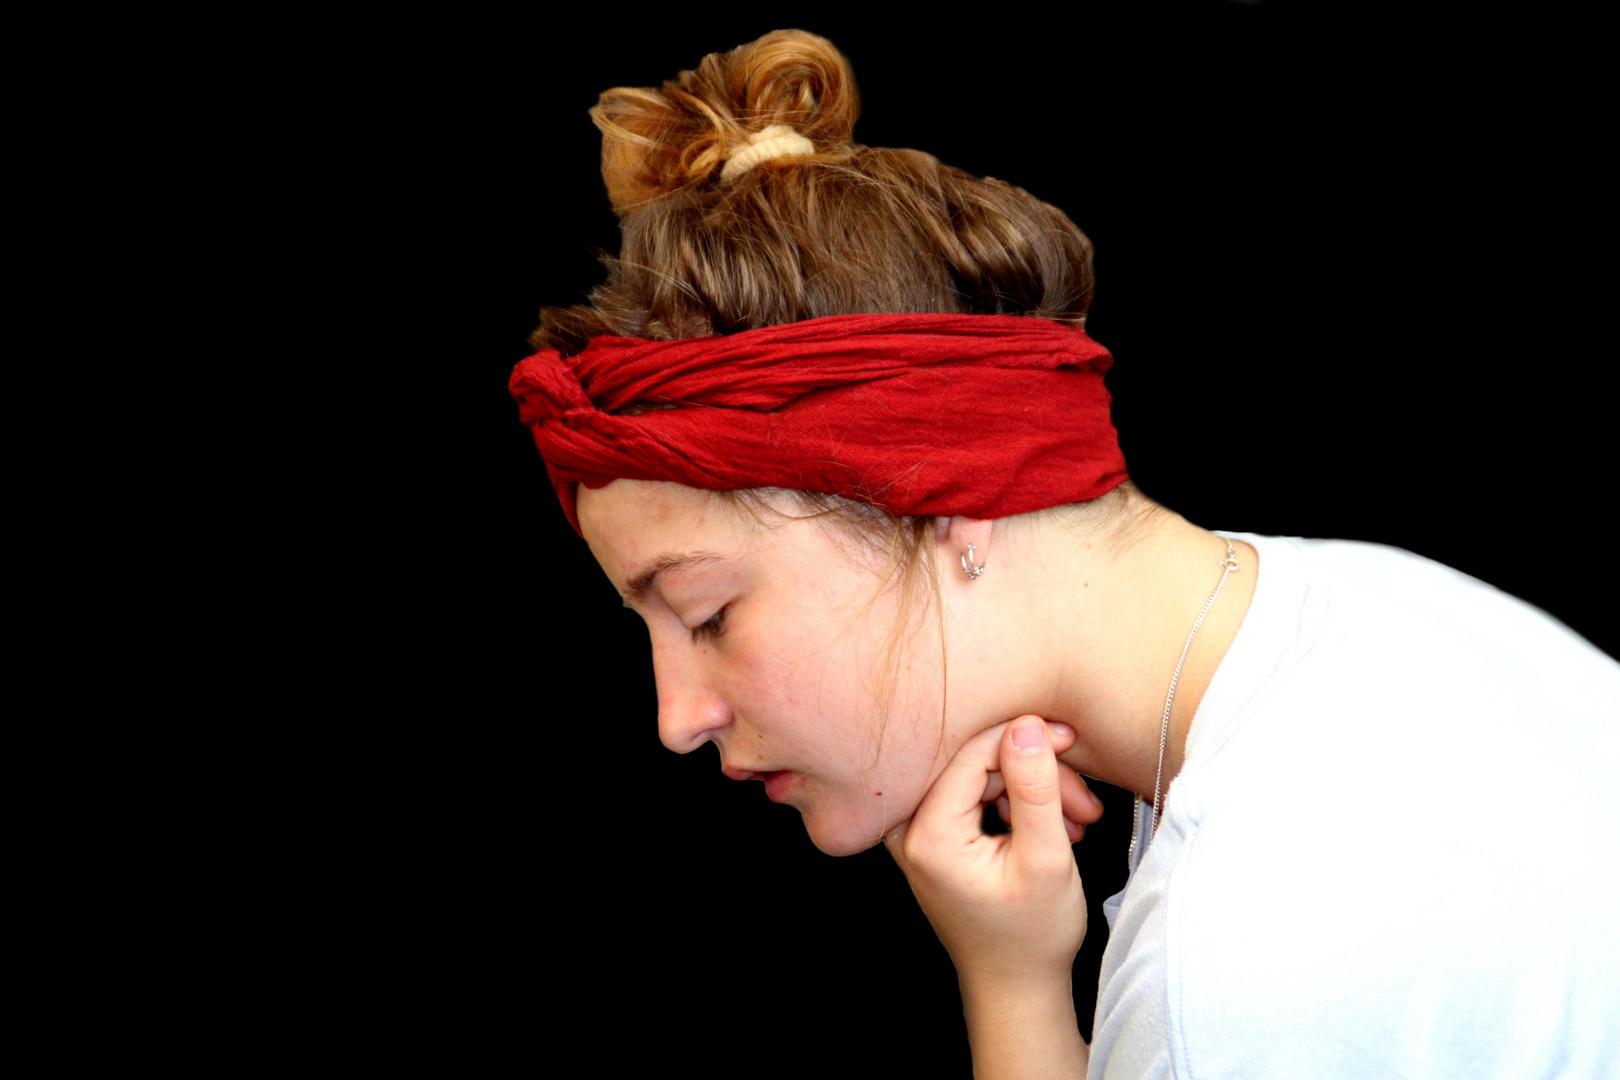 Mädchen mit rotem Tuch